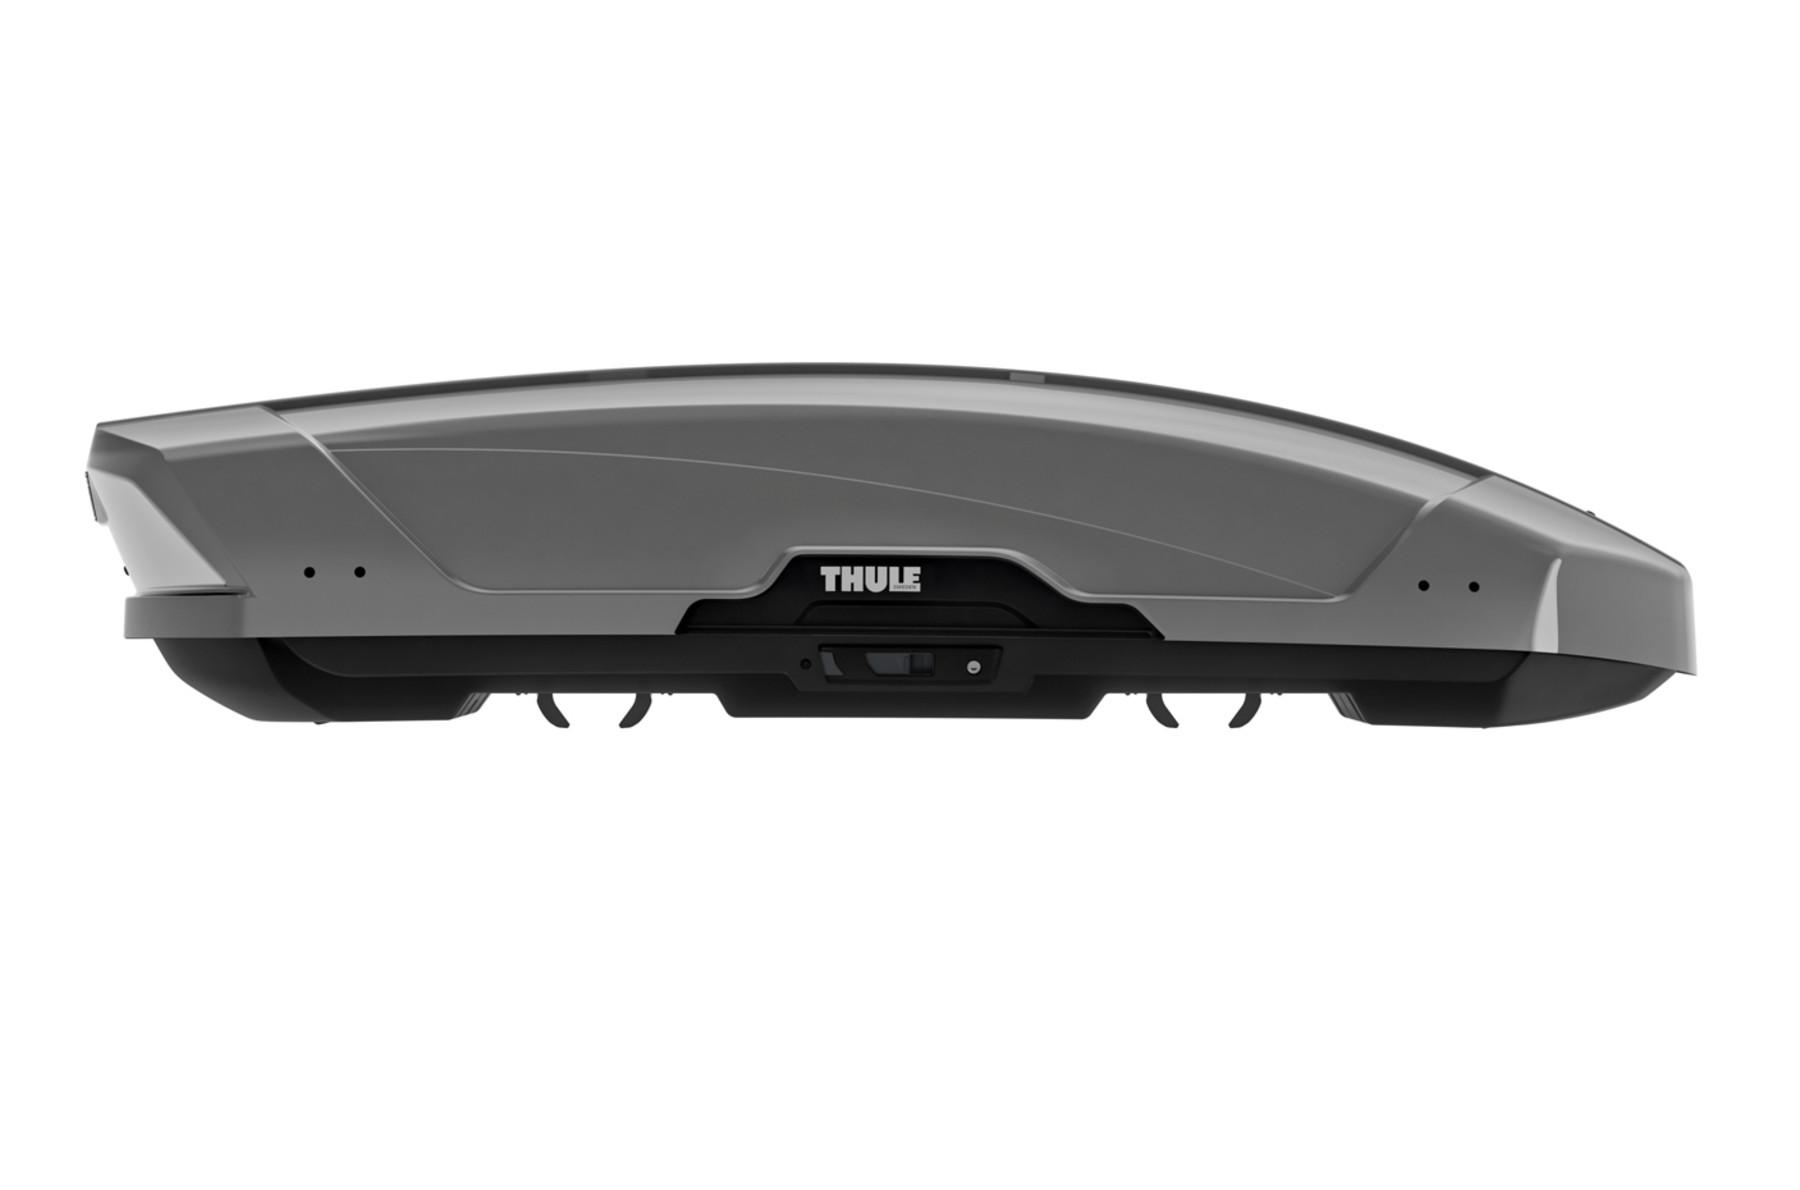 Автомобильный бокс Thule Motion XT L (700) Серый глянец арт. 6297T